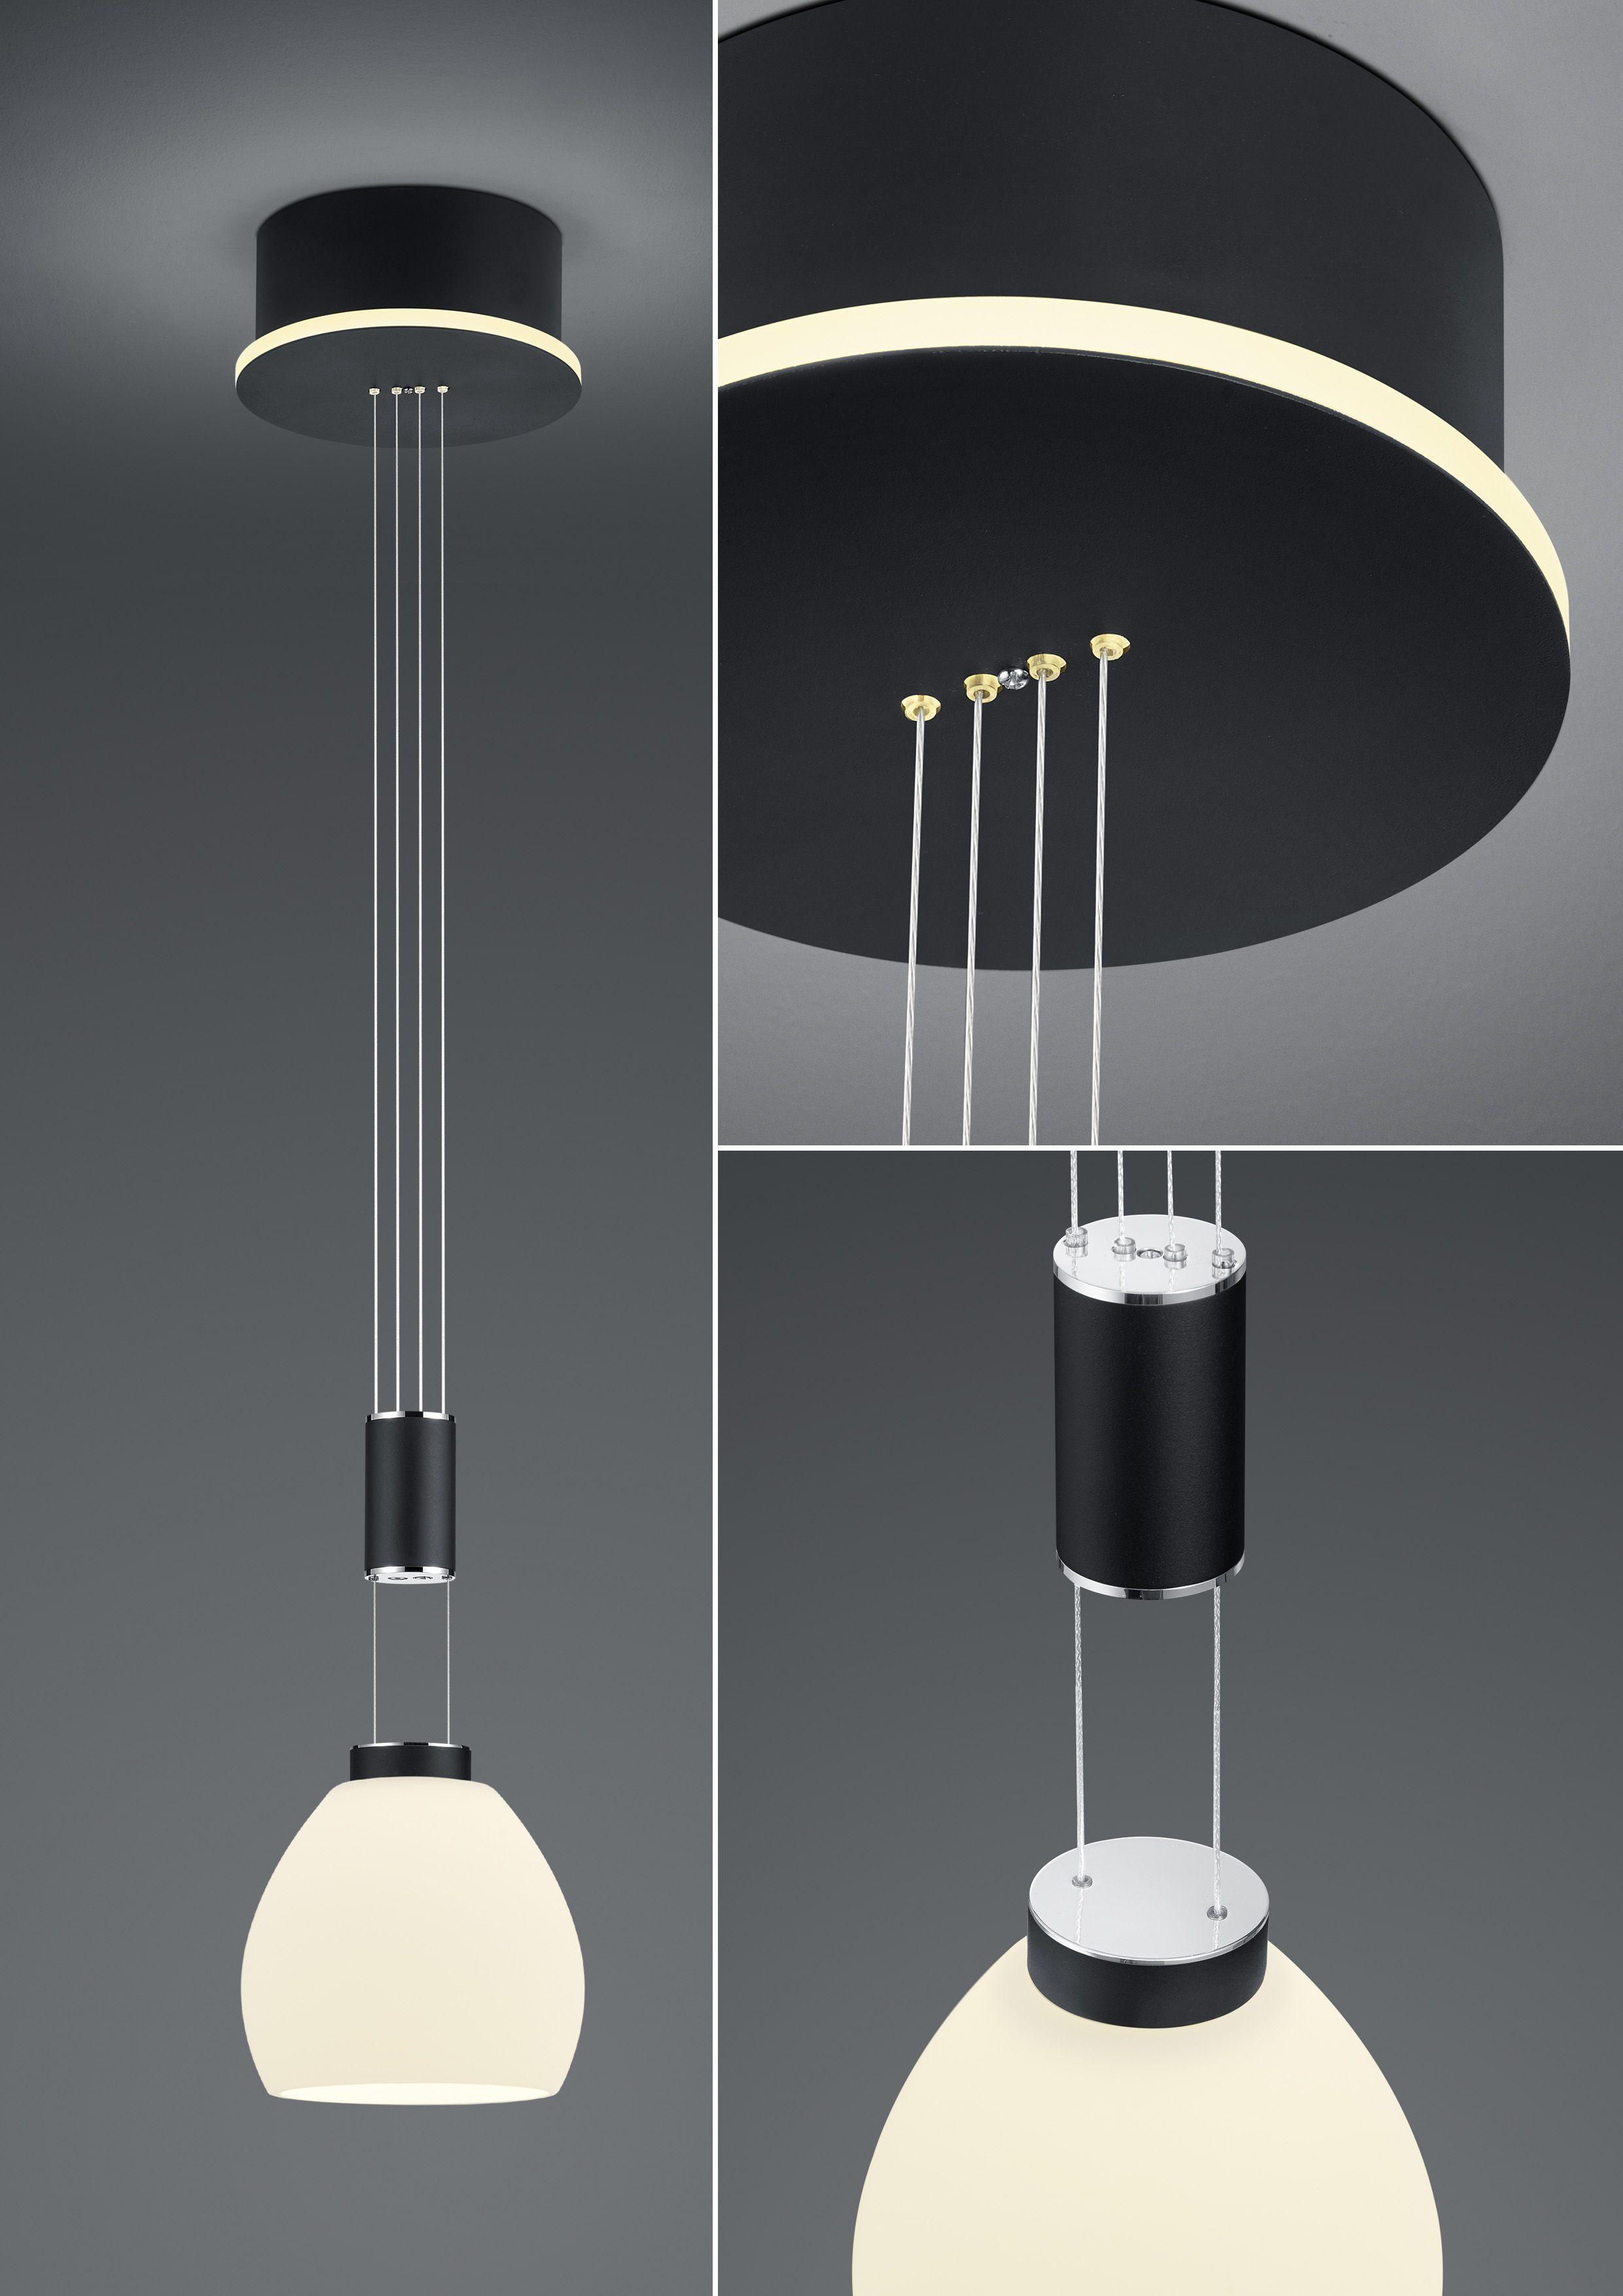 LED-Hängeleuchte SAM/ 1 flammig von B-Leuchten